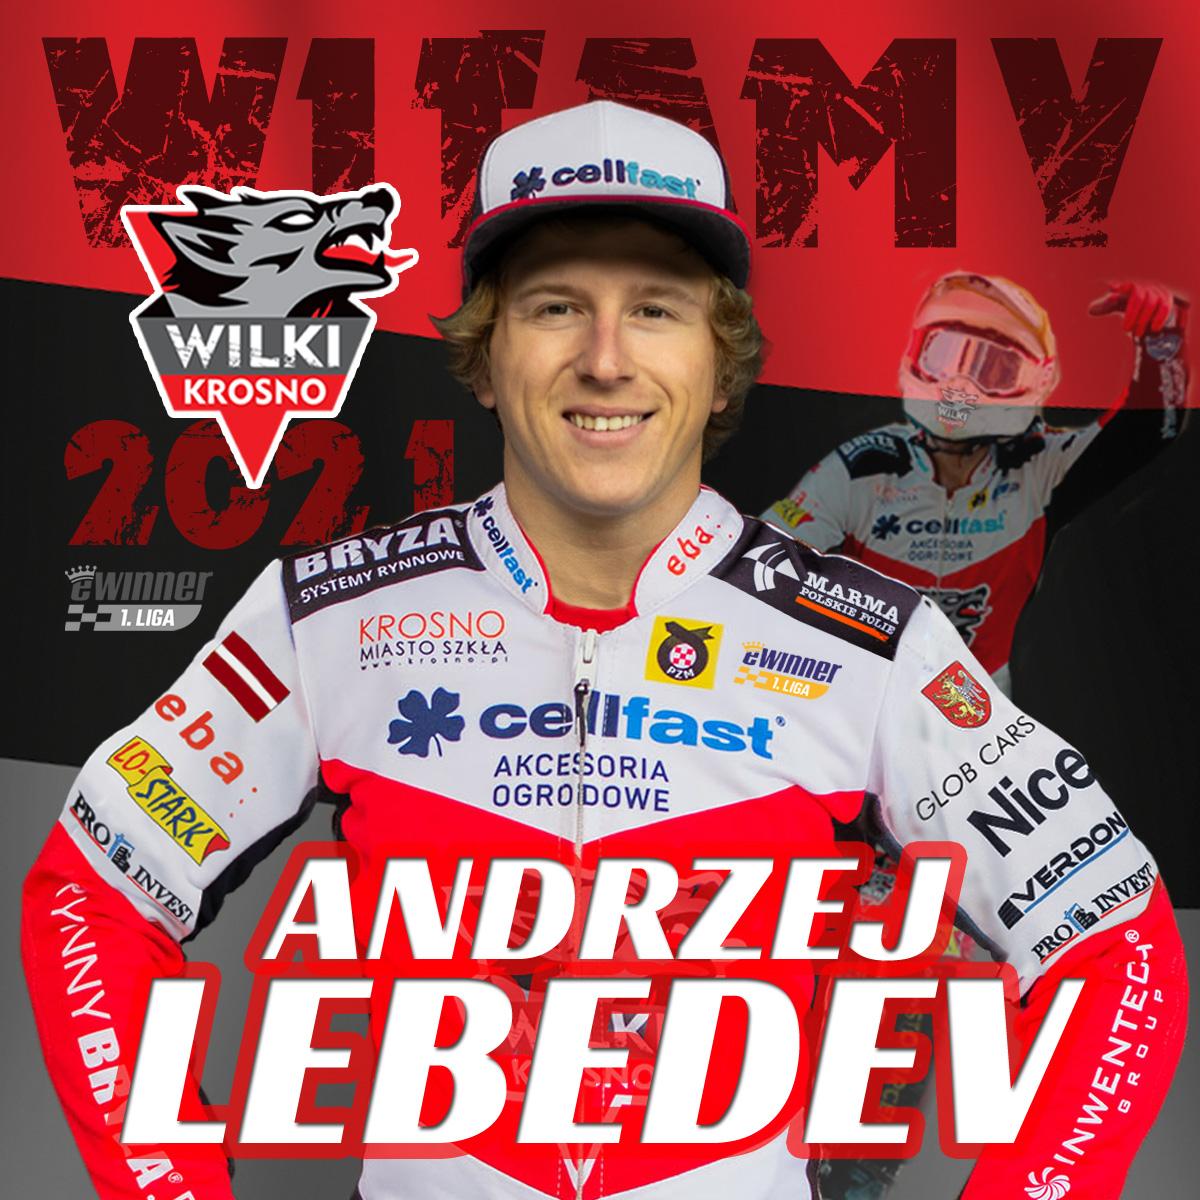 Lebedev Andrzej grafika